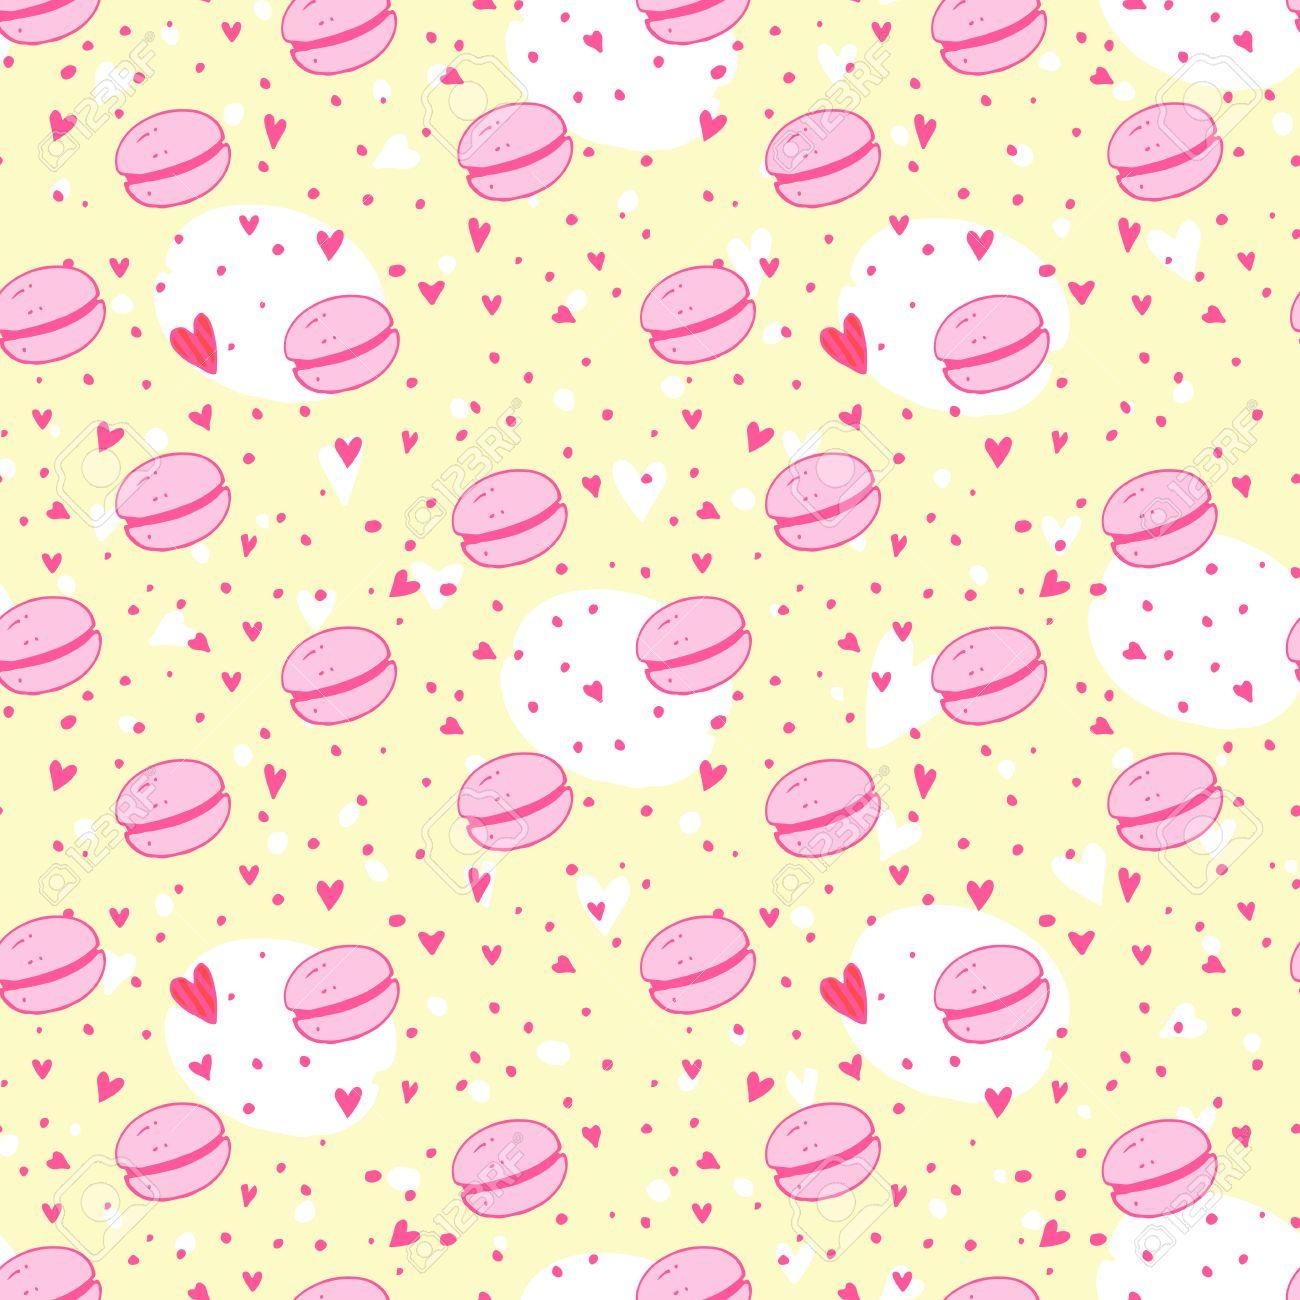 マカロン ピンク色とパターン 明るく おいしいイラスト 包装 織物